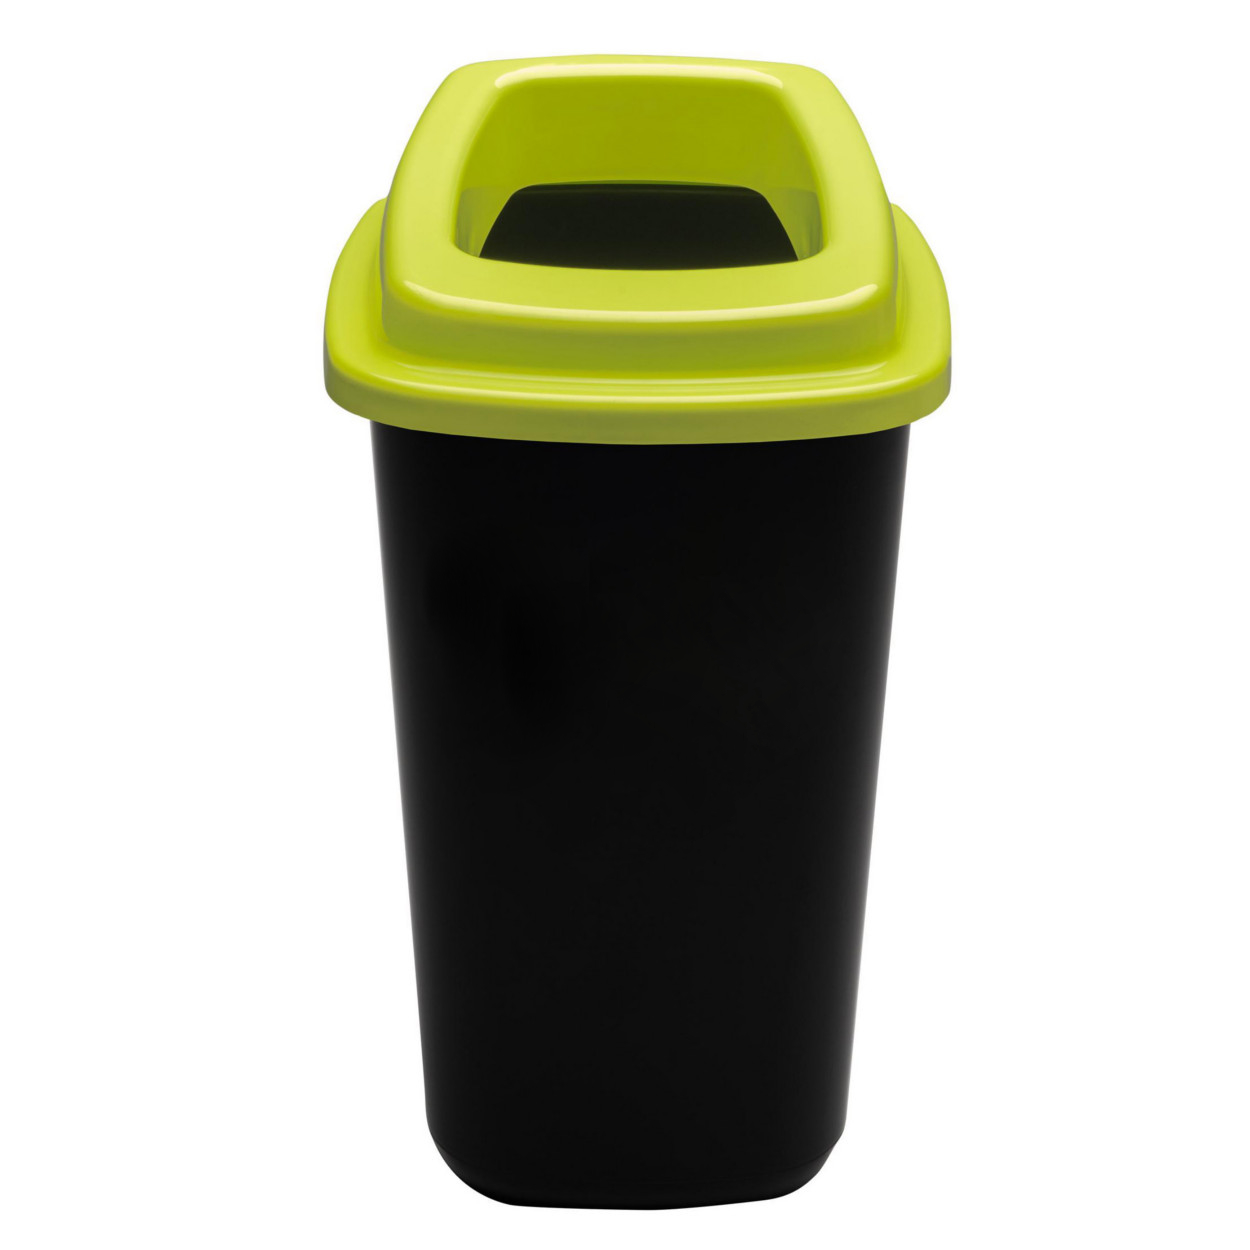 Plastikowy kosz do segregacji śmieci, 45 l, zielony